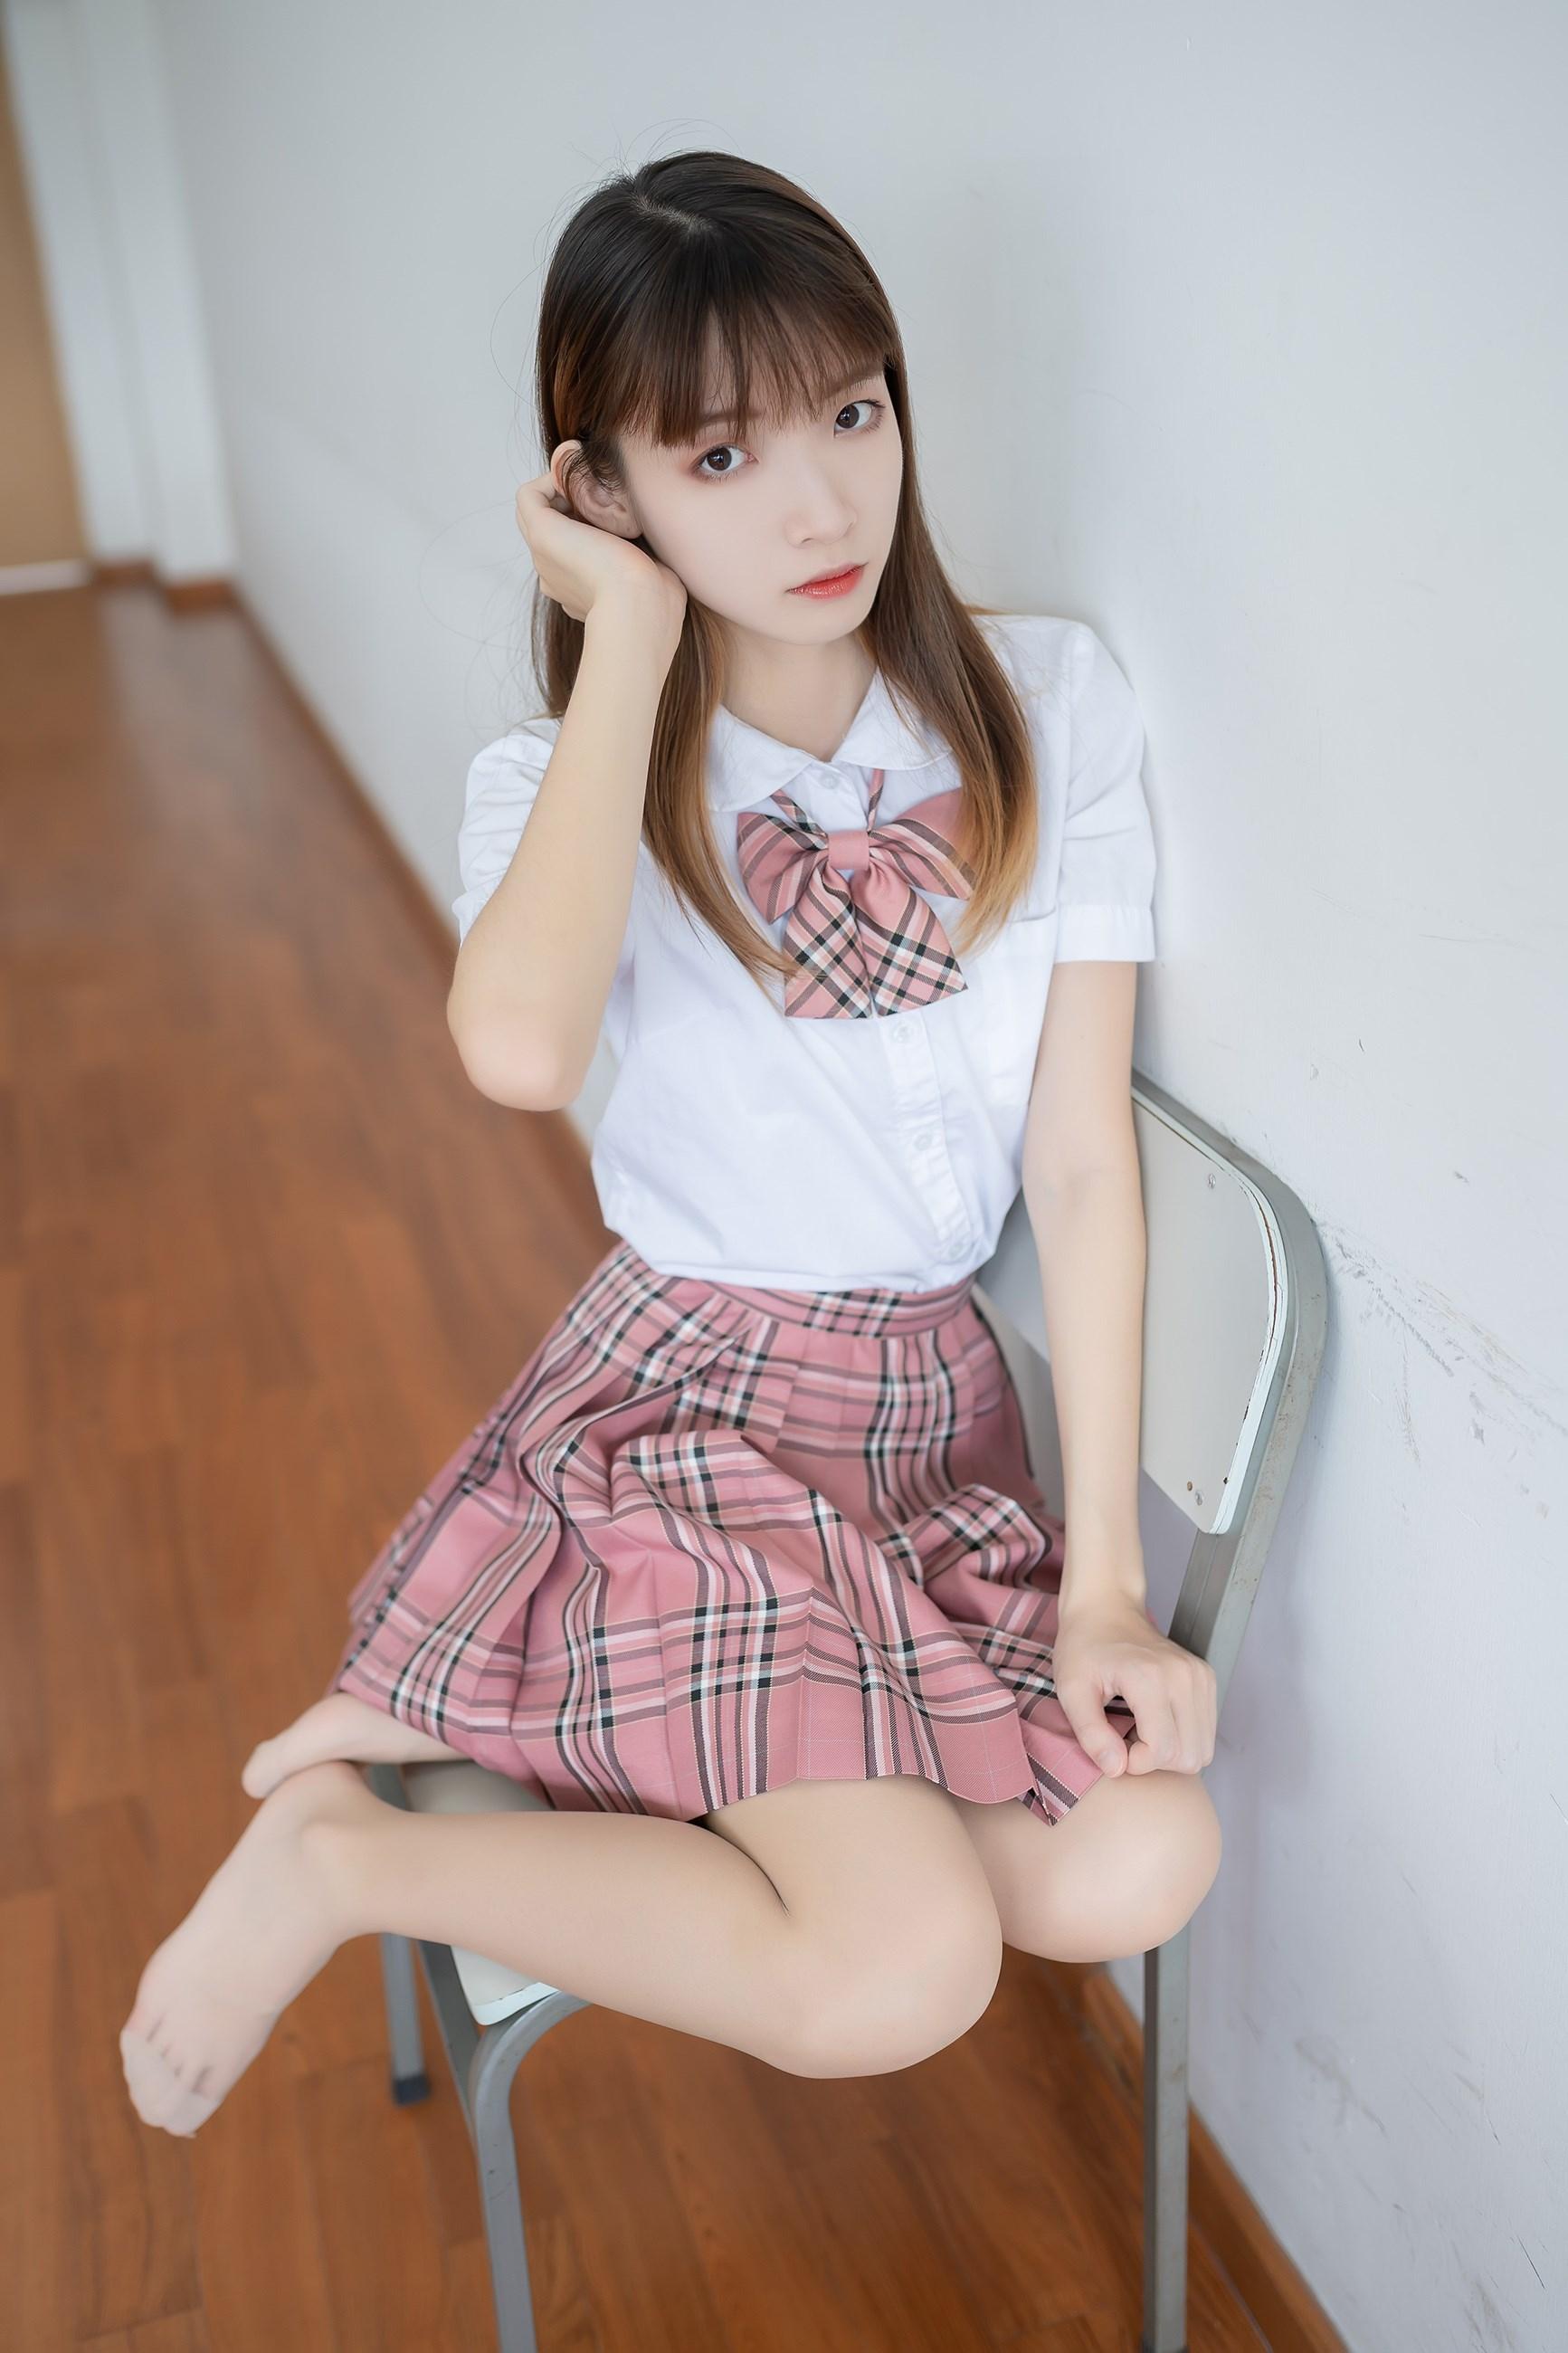 【兔玩映画】粉色格裙少女 兔玩映画 第41张